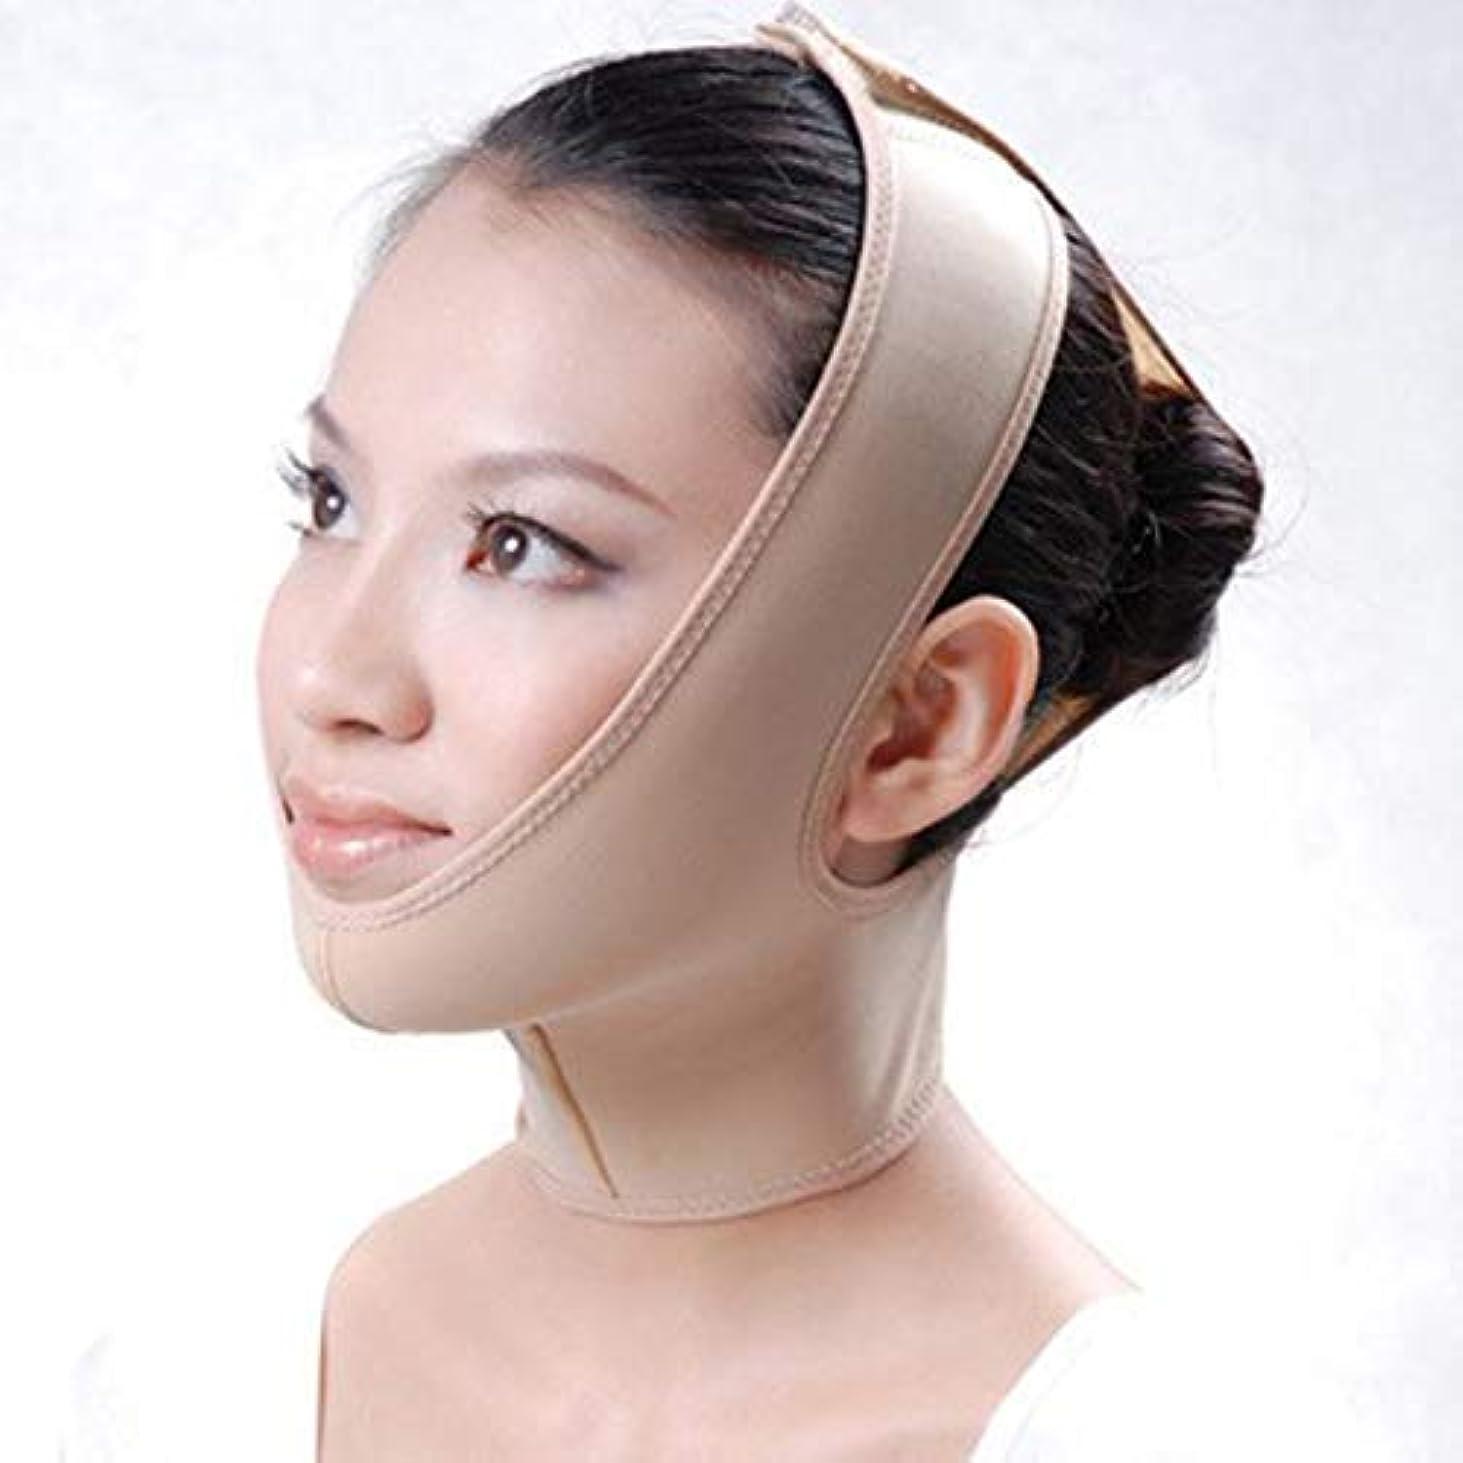 ブロックする助言する生まれHUYYA 女性の顔を持ち上げるベルト、しわ防止包帯 Vライン頬 二重あごの減量顔ネック包帯,Flesh_Medium